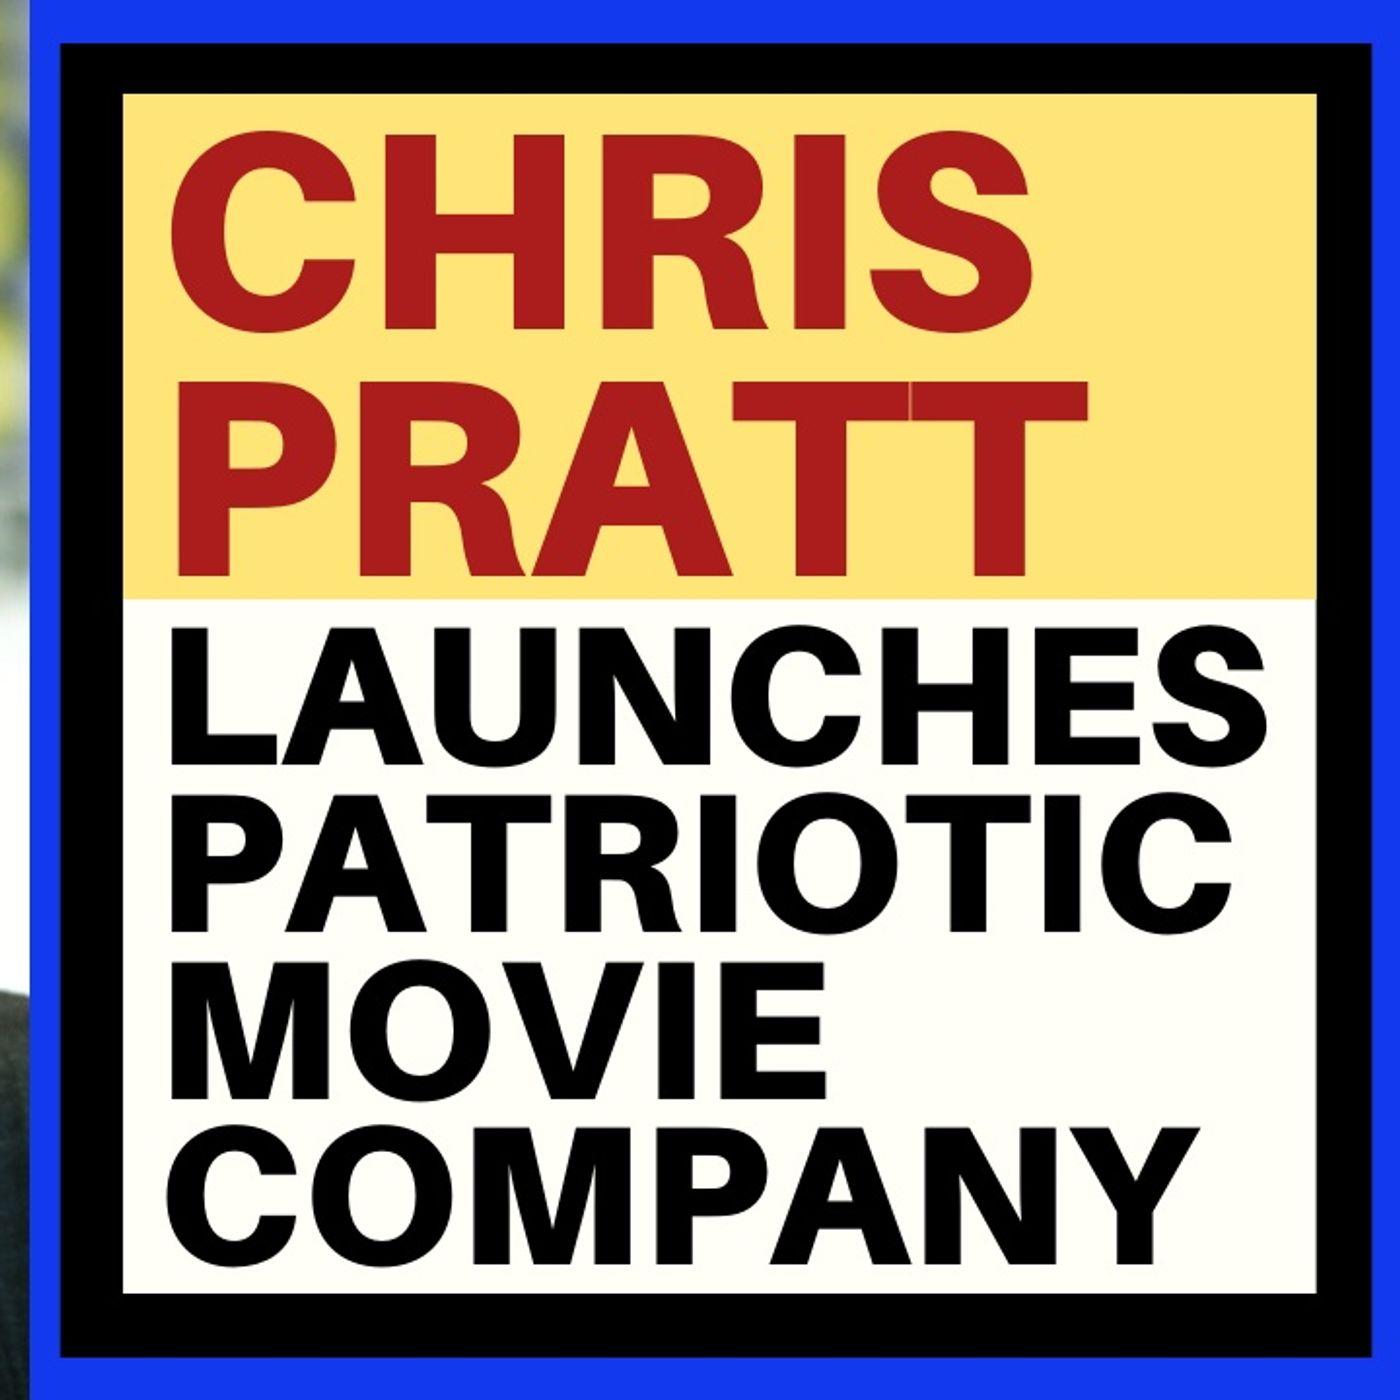 CHRIS PRATT LAUNCHES PATRIOTIC MOVIE STUDIO